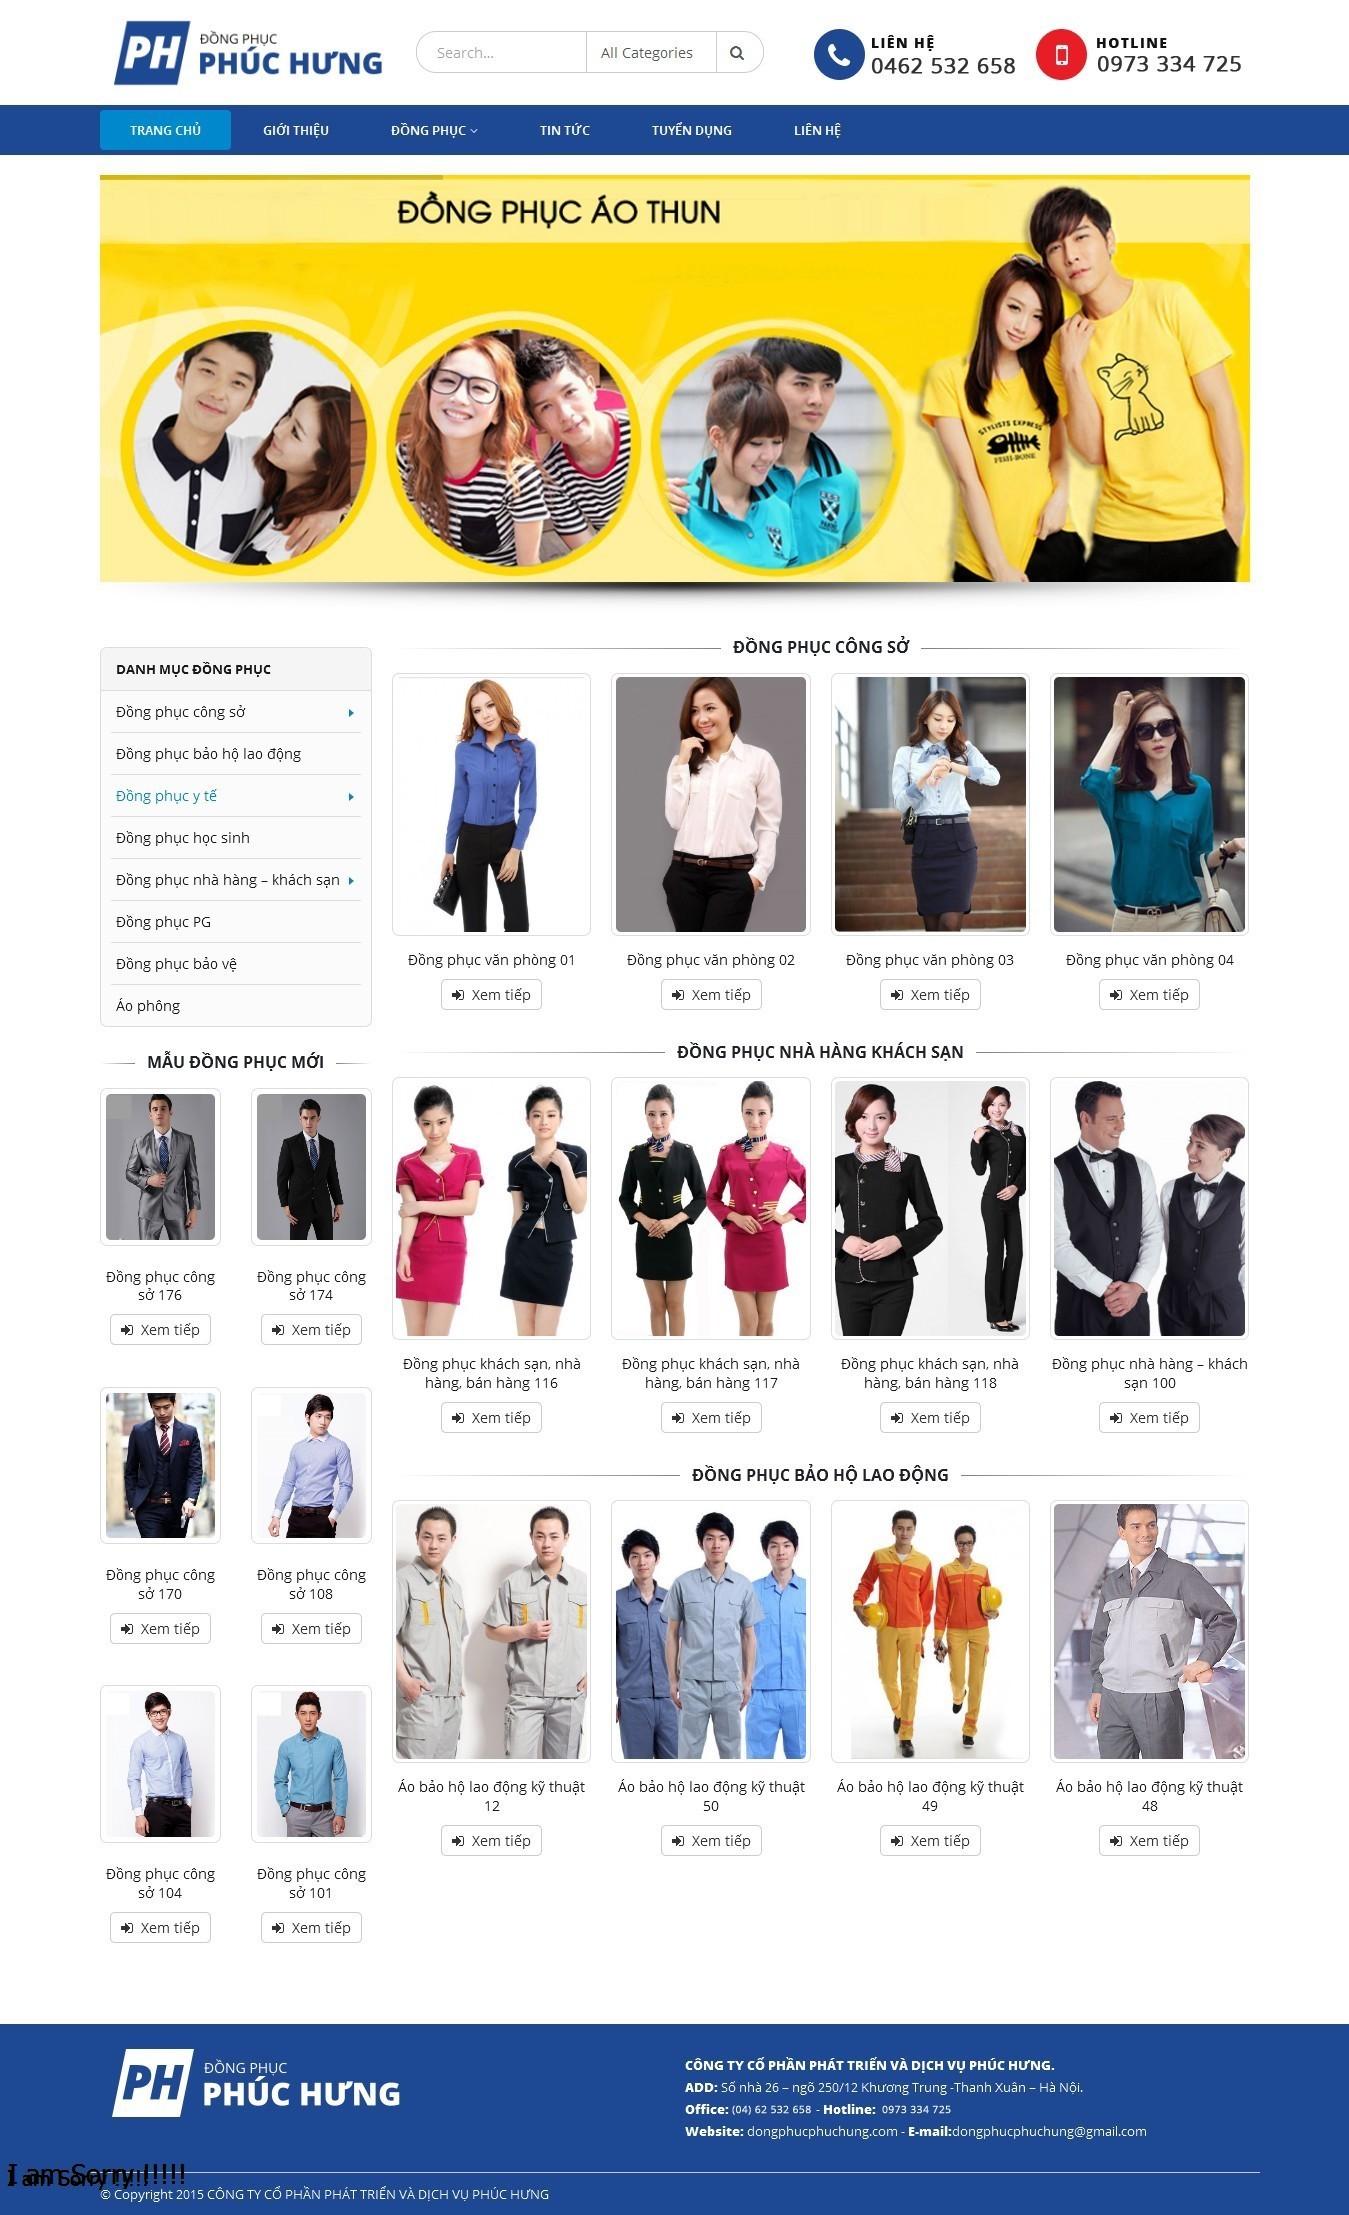 Thiết kế web thời trang, may mặc, đồng phục công ty